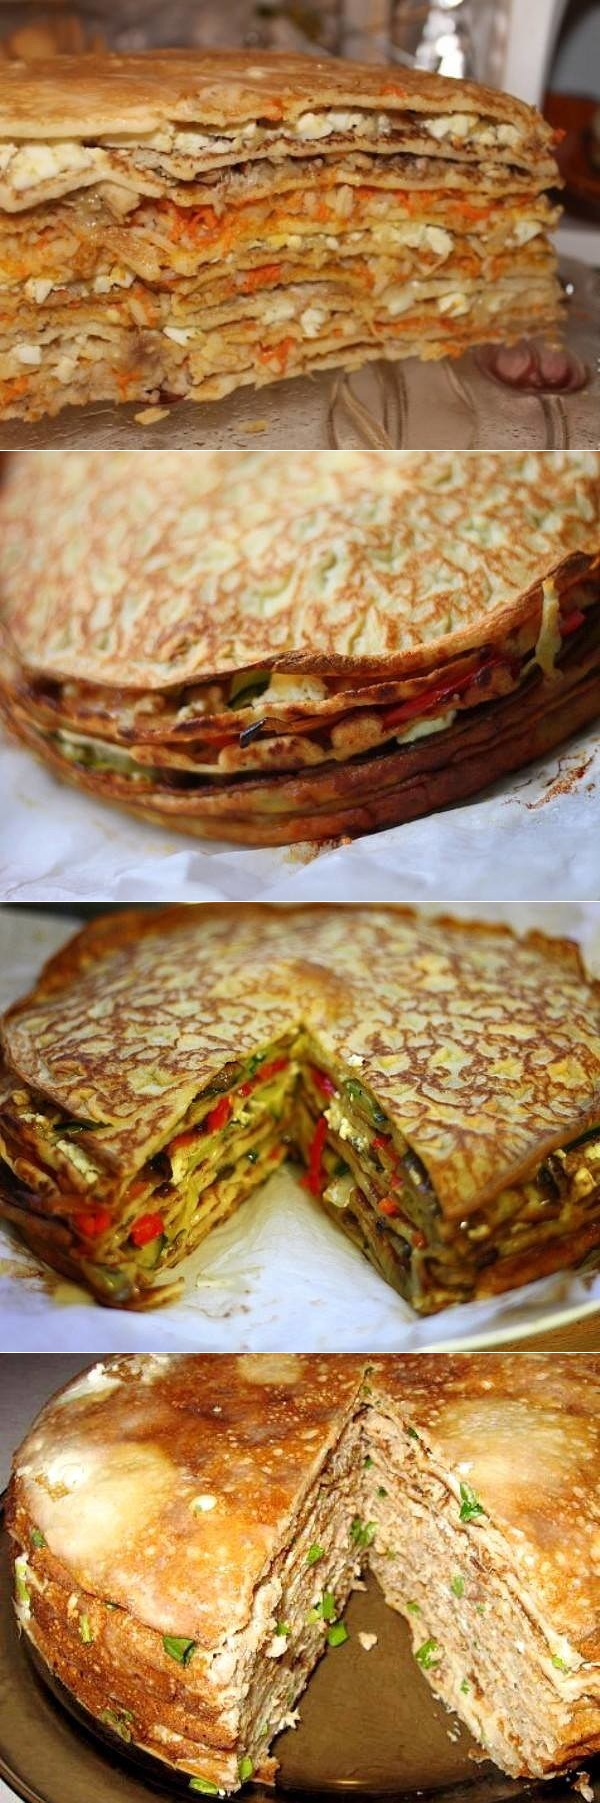 Торт закусочный «Мечта» с овощной и сырной начинкой — сытное и очень красивое блюдо.